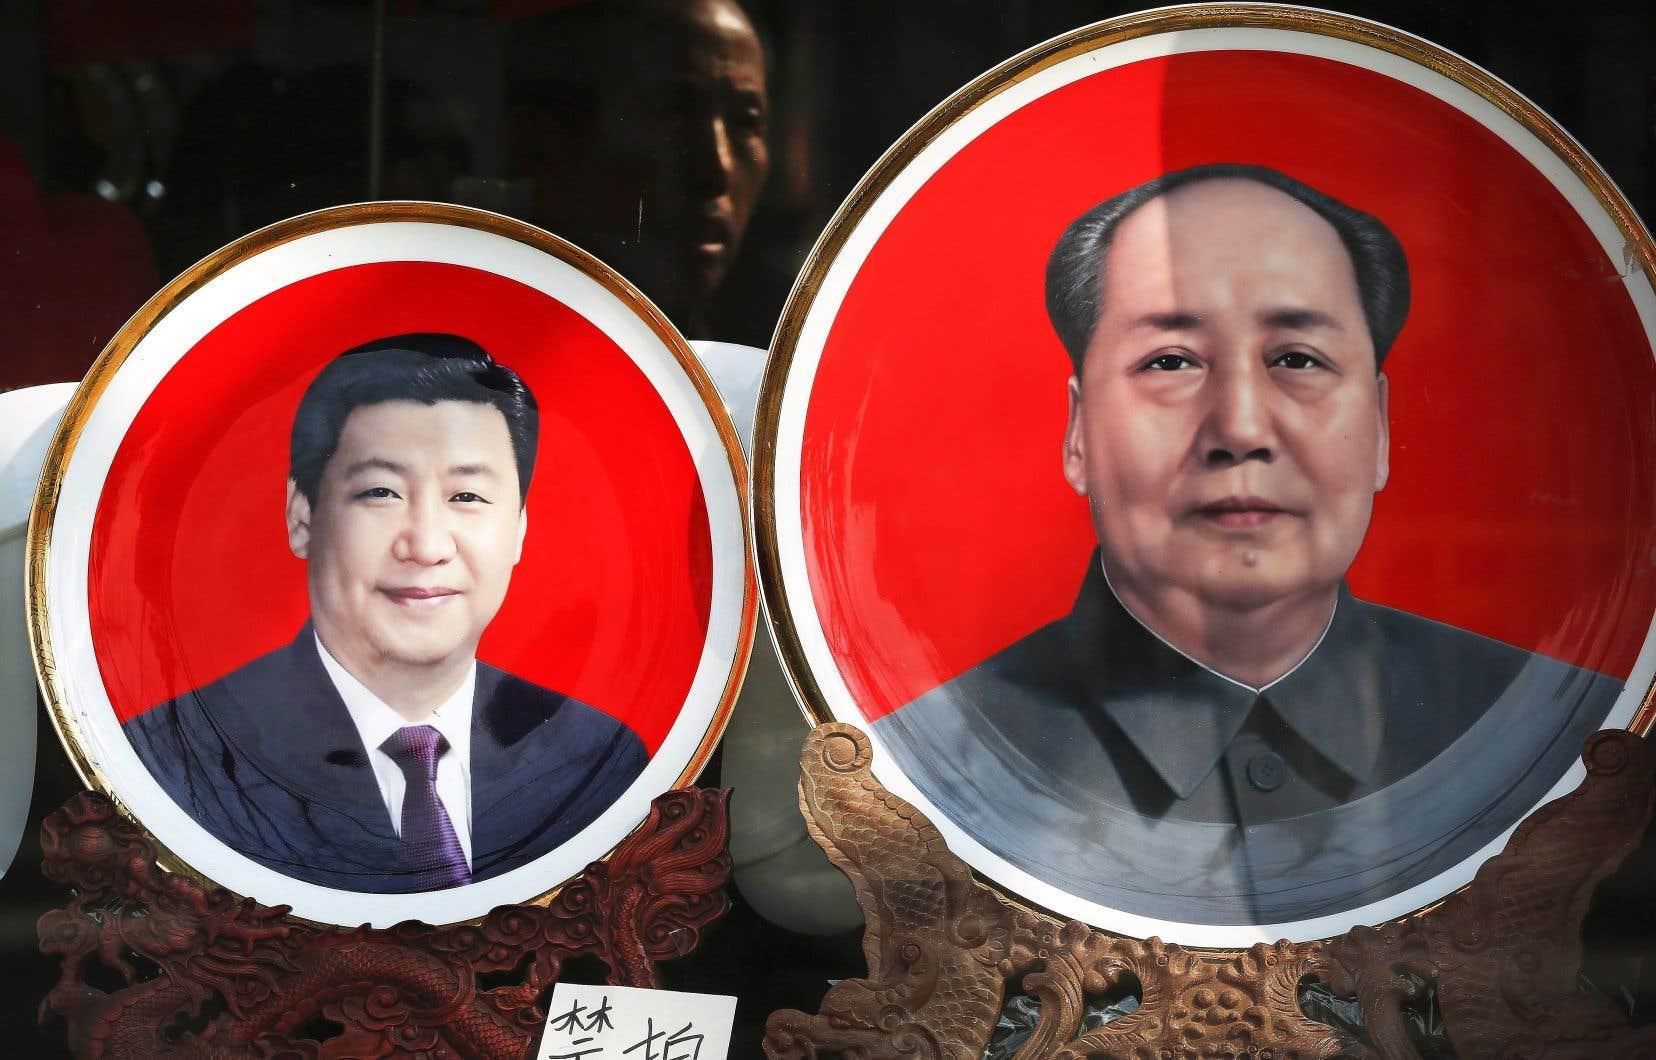 La limite de deux mandats avait été imposée dans la Constitution de 1982 pour éviter un retour au régime dictatorial de l'ère Mao Tsé-toung (à droite). À gauche, le président Xi Jinping.